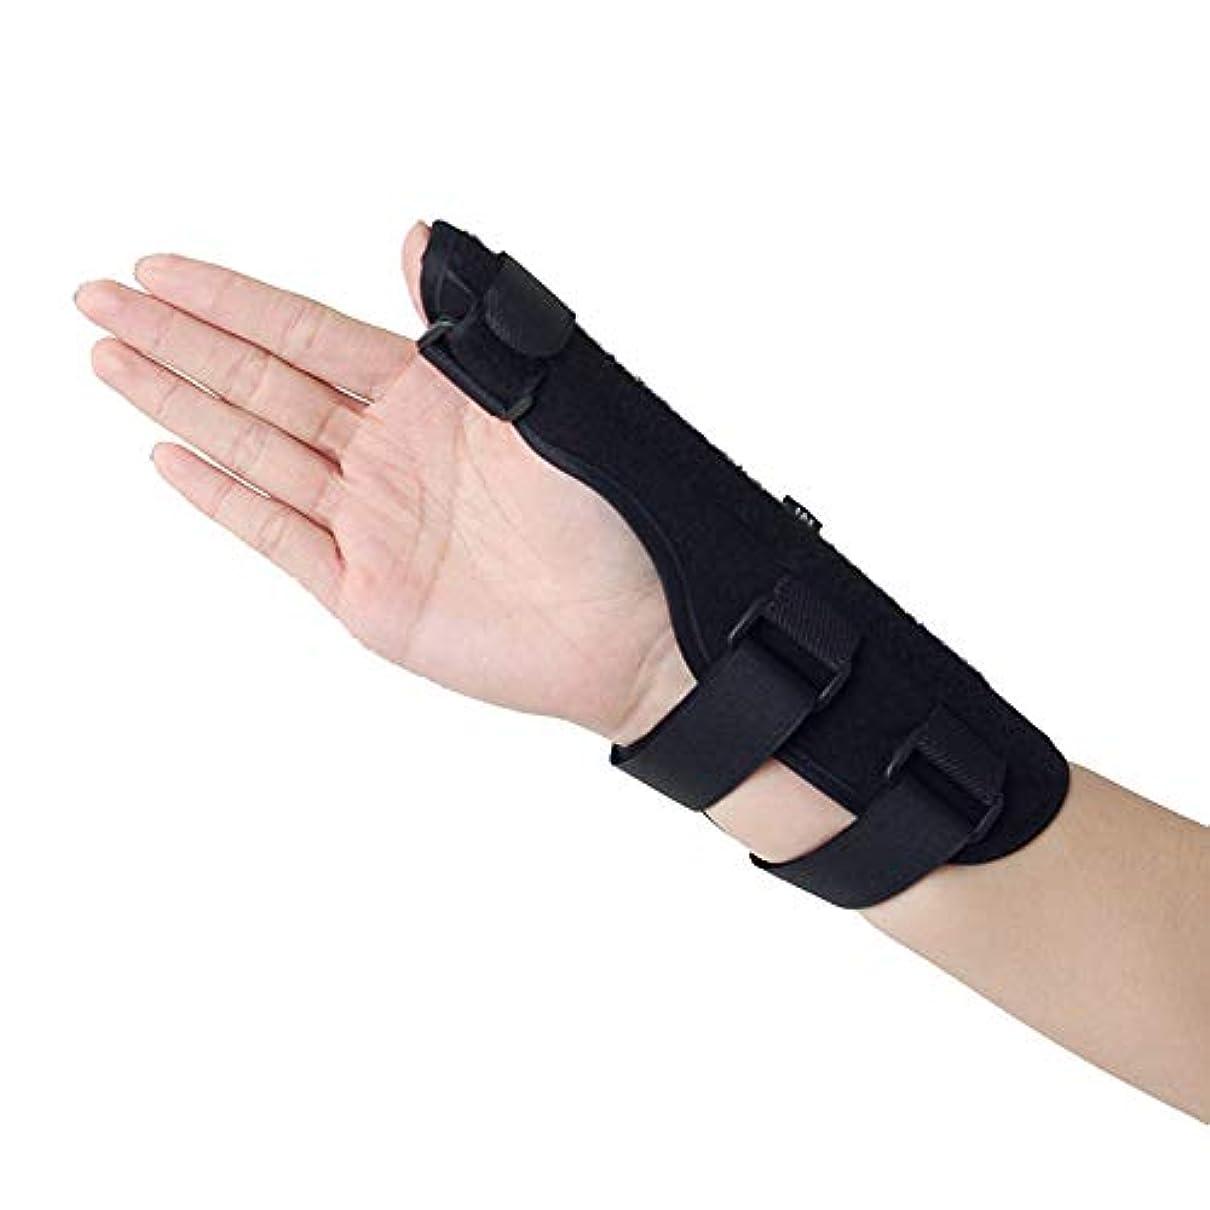 肉忠実緩める親指サポート、手首サポート、関節炎、関節痛、腱炎、捻rain、手の不安定性イモビライザーに最適軽量で通気性